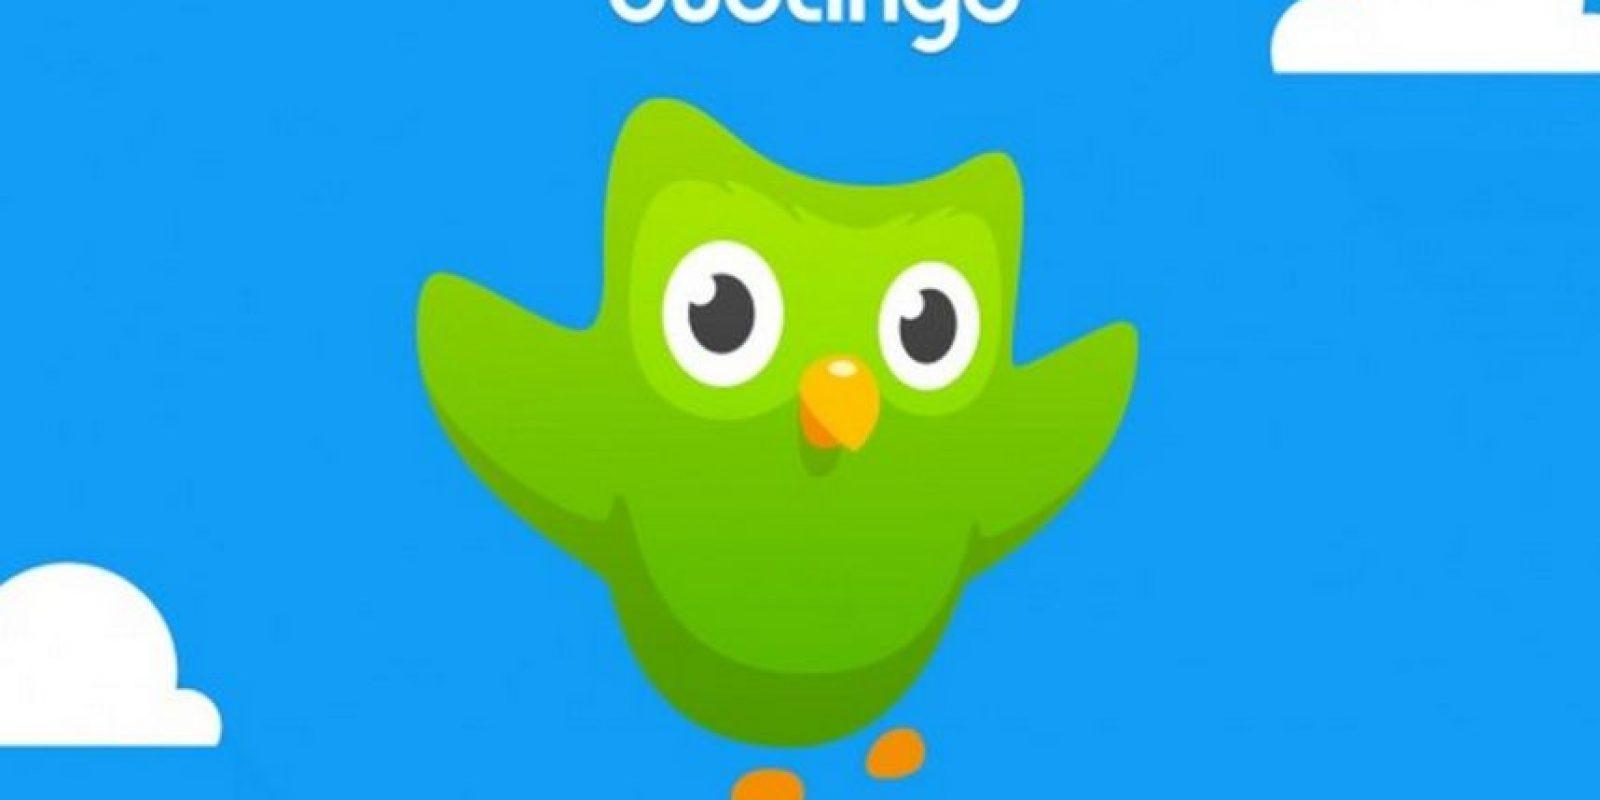 Duolingo ya tiene más de 100 millones de usuarios. Foto:Duolingo